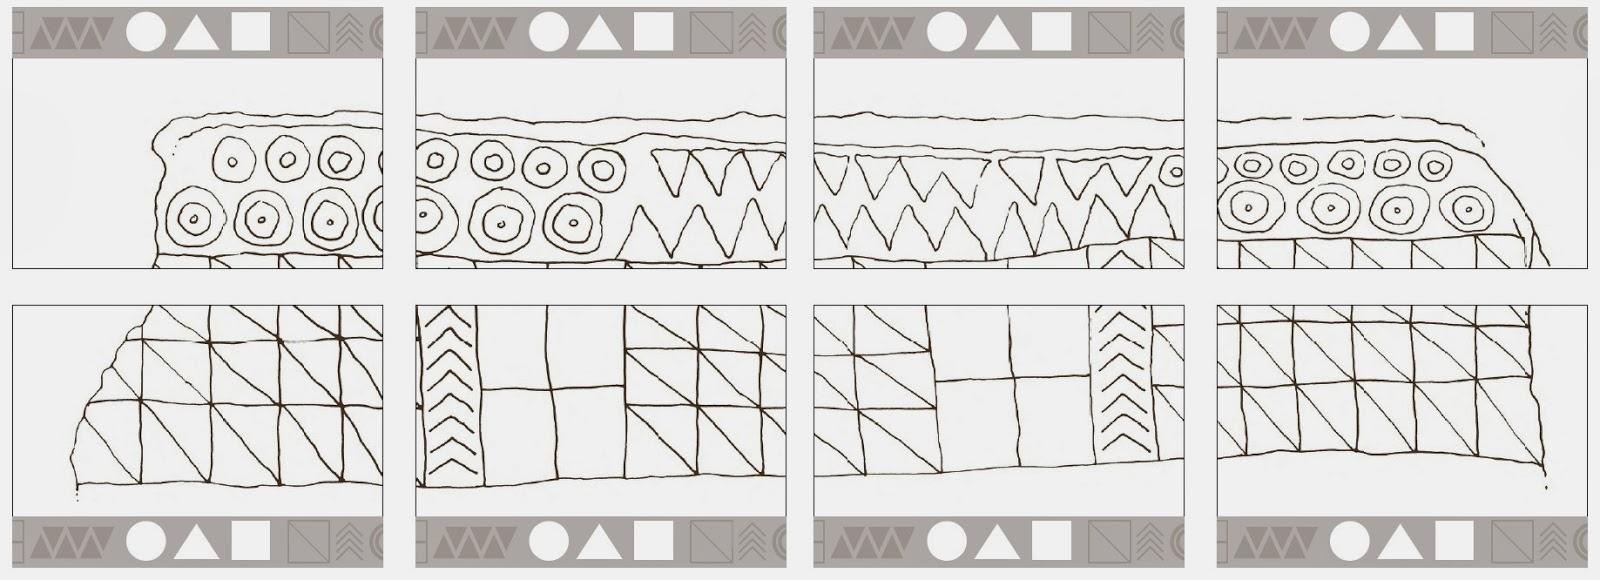 http://www.cuevapintada.org/documents/236813/240904/Friso+de+la+Cueva+Pintada.+Atenci%C3%B3n+a+la+diversidad.pdf/ba3c8c3b-c532-41d4-a1f7-2fbf673127e4